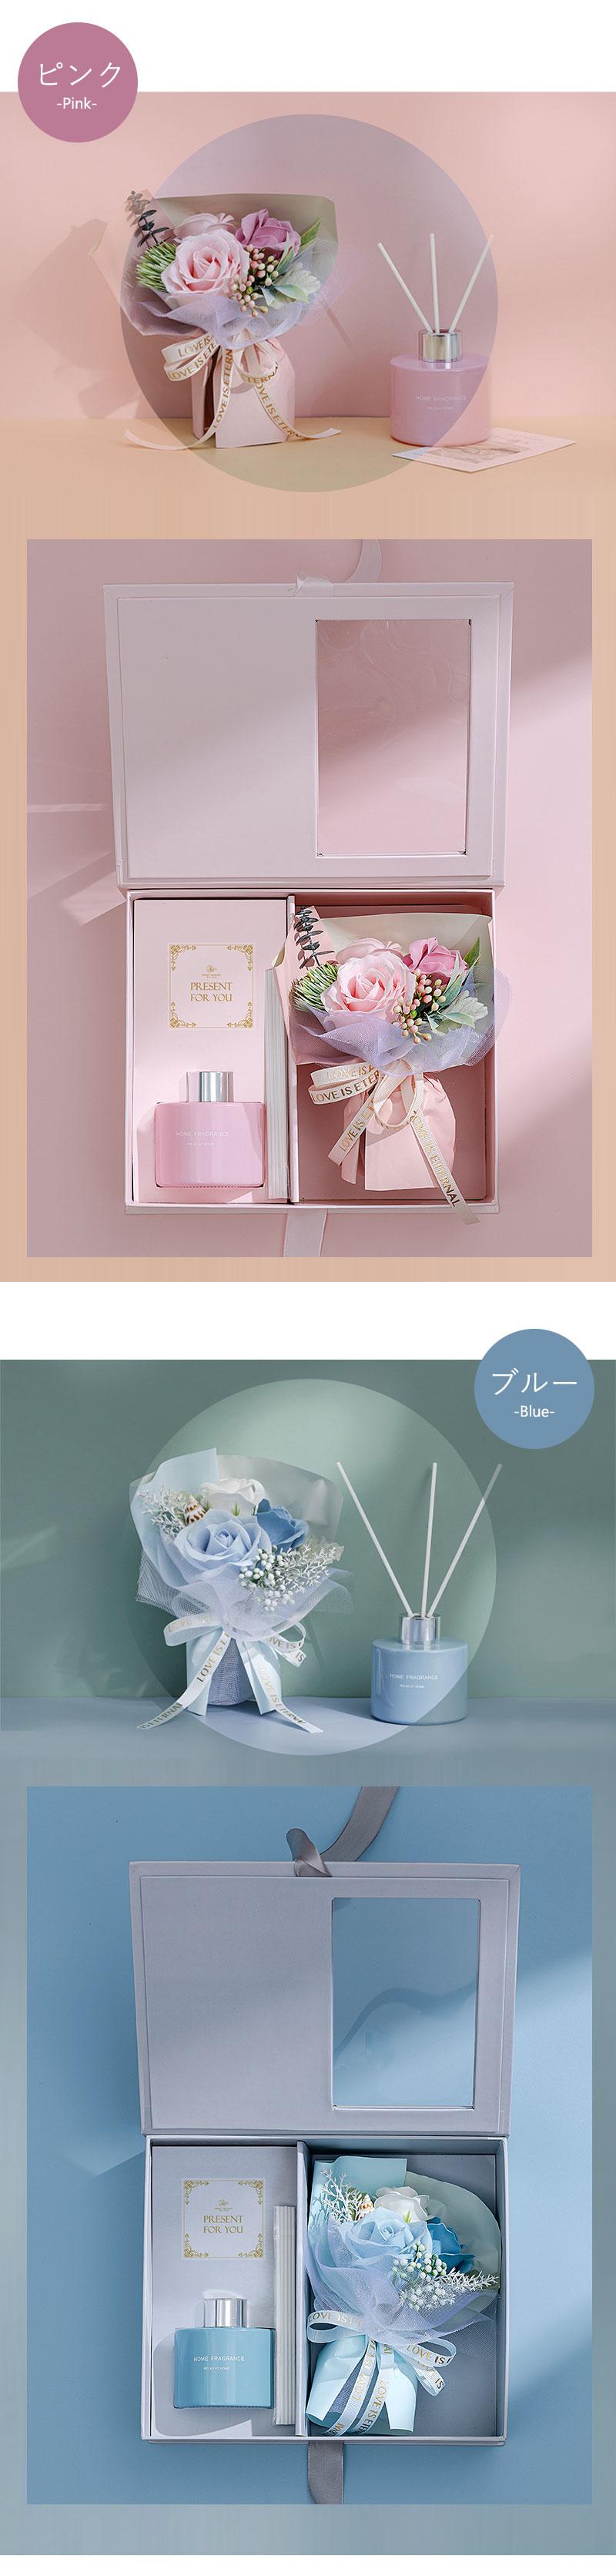 アロマ 香り 芳香剤  ギフトボックス フラワーブーケ ギフト